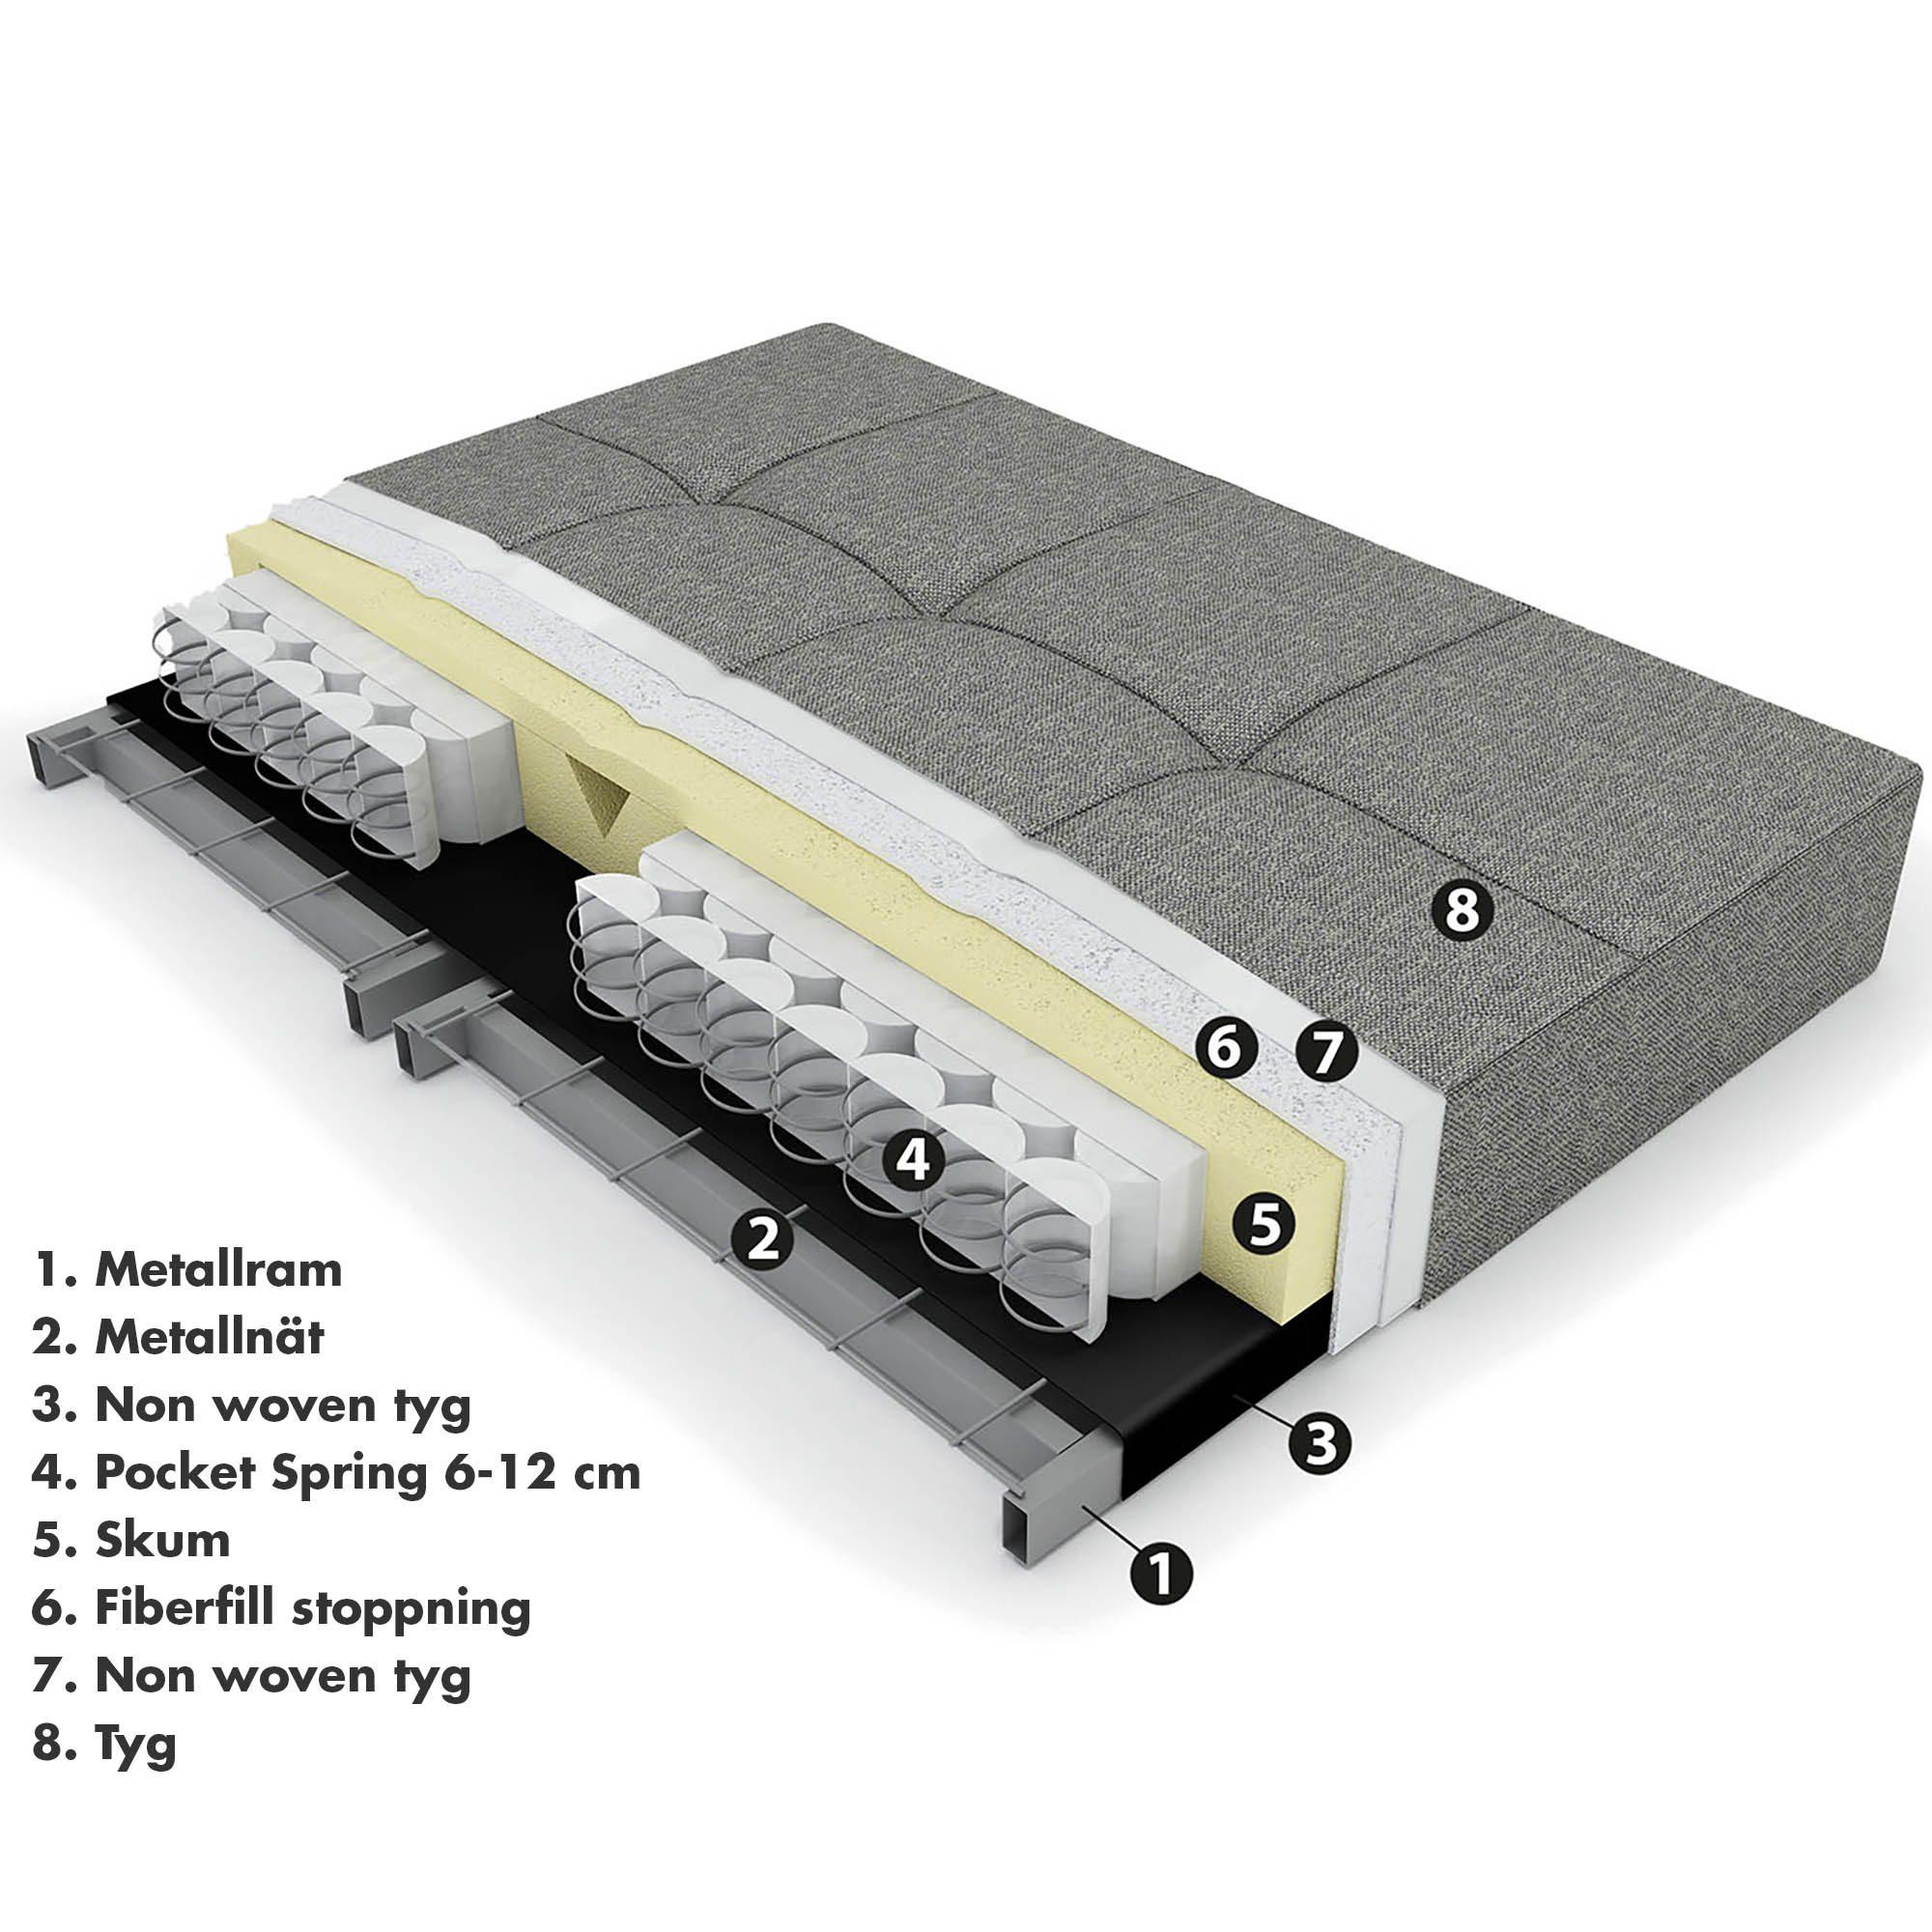 Informationsbild på Innovations Pocket Spring madrass.